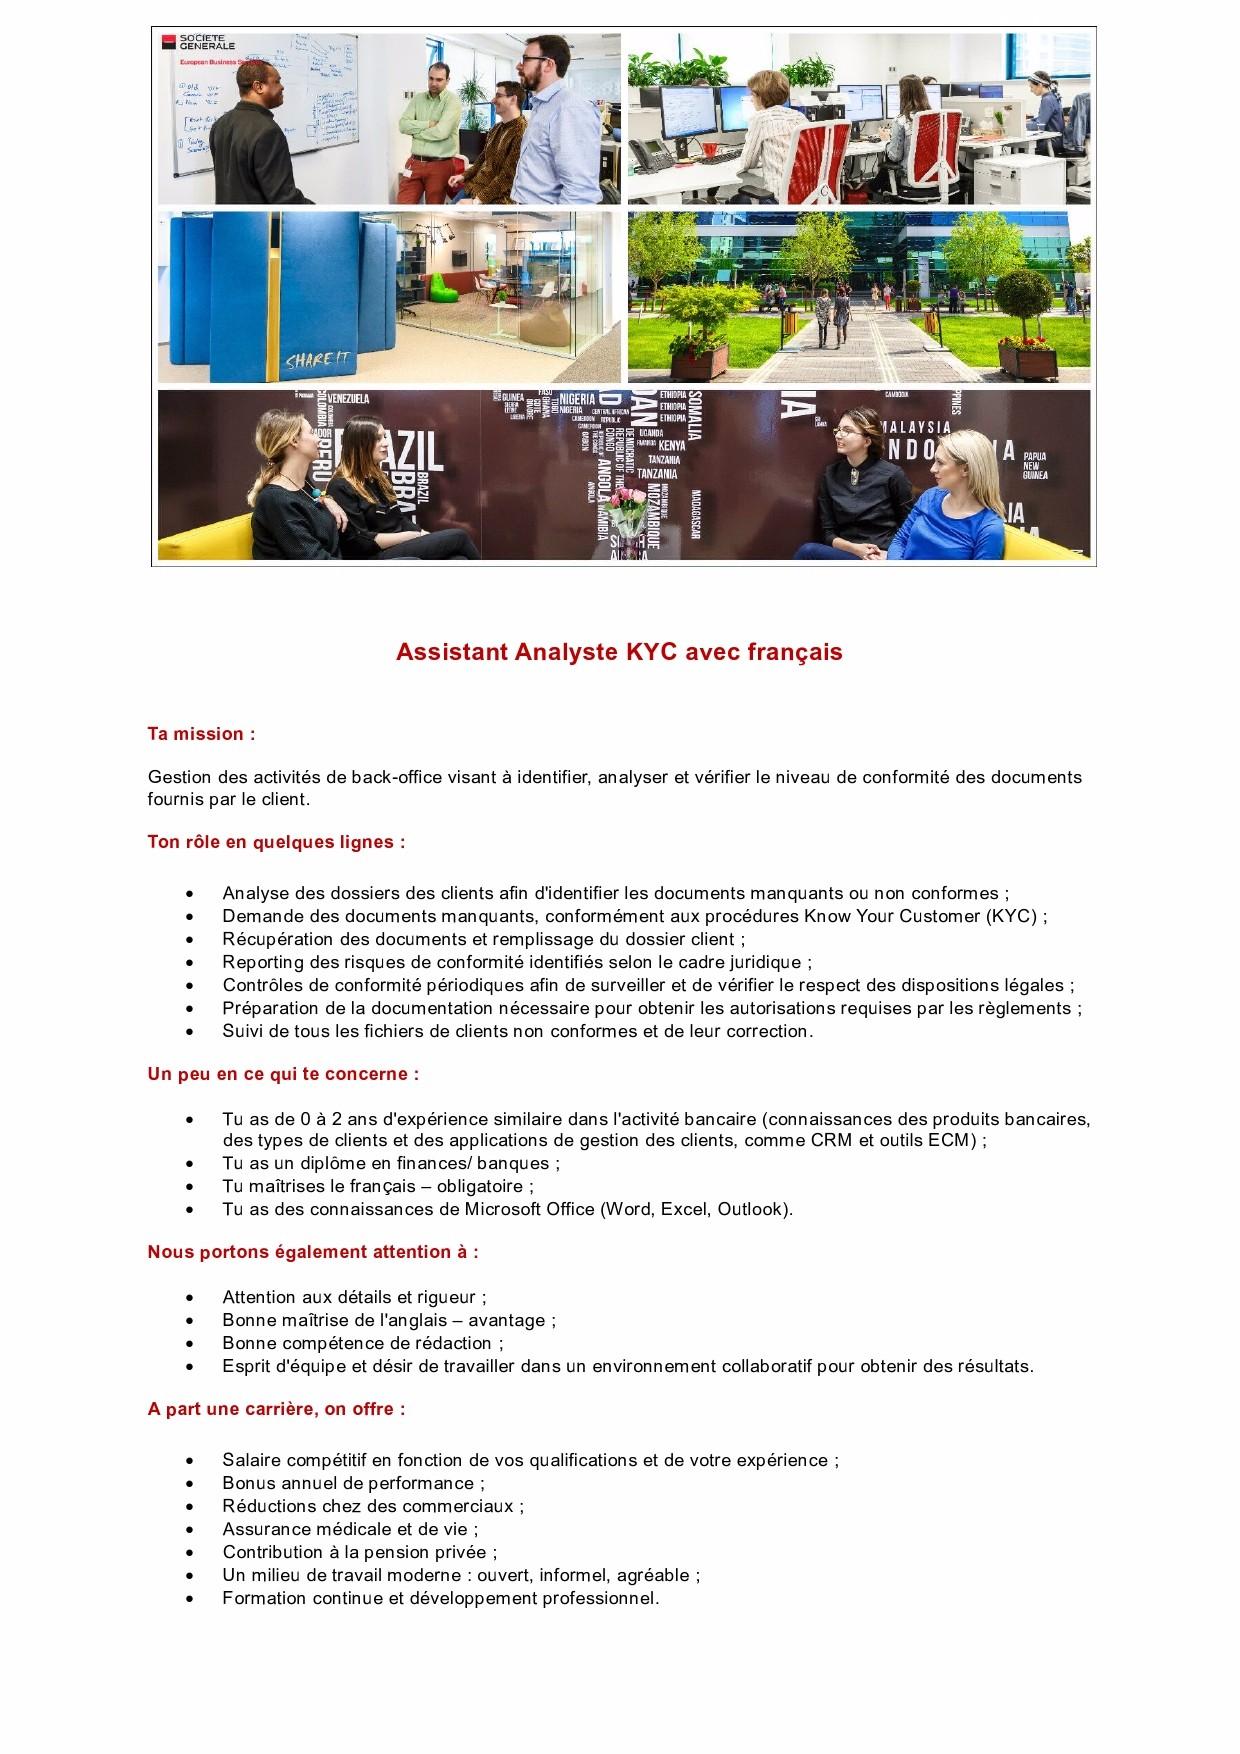 Assistant Analyste KYC avec français_2-page0001